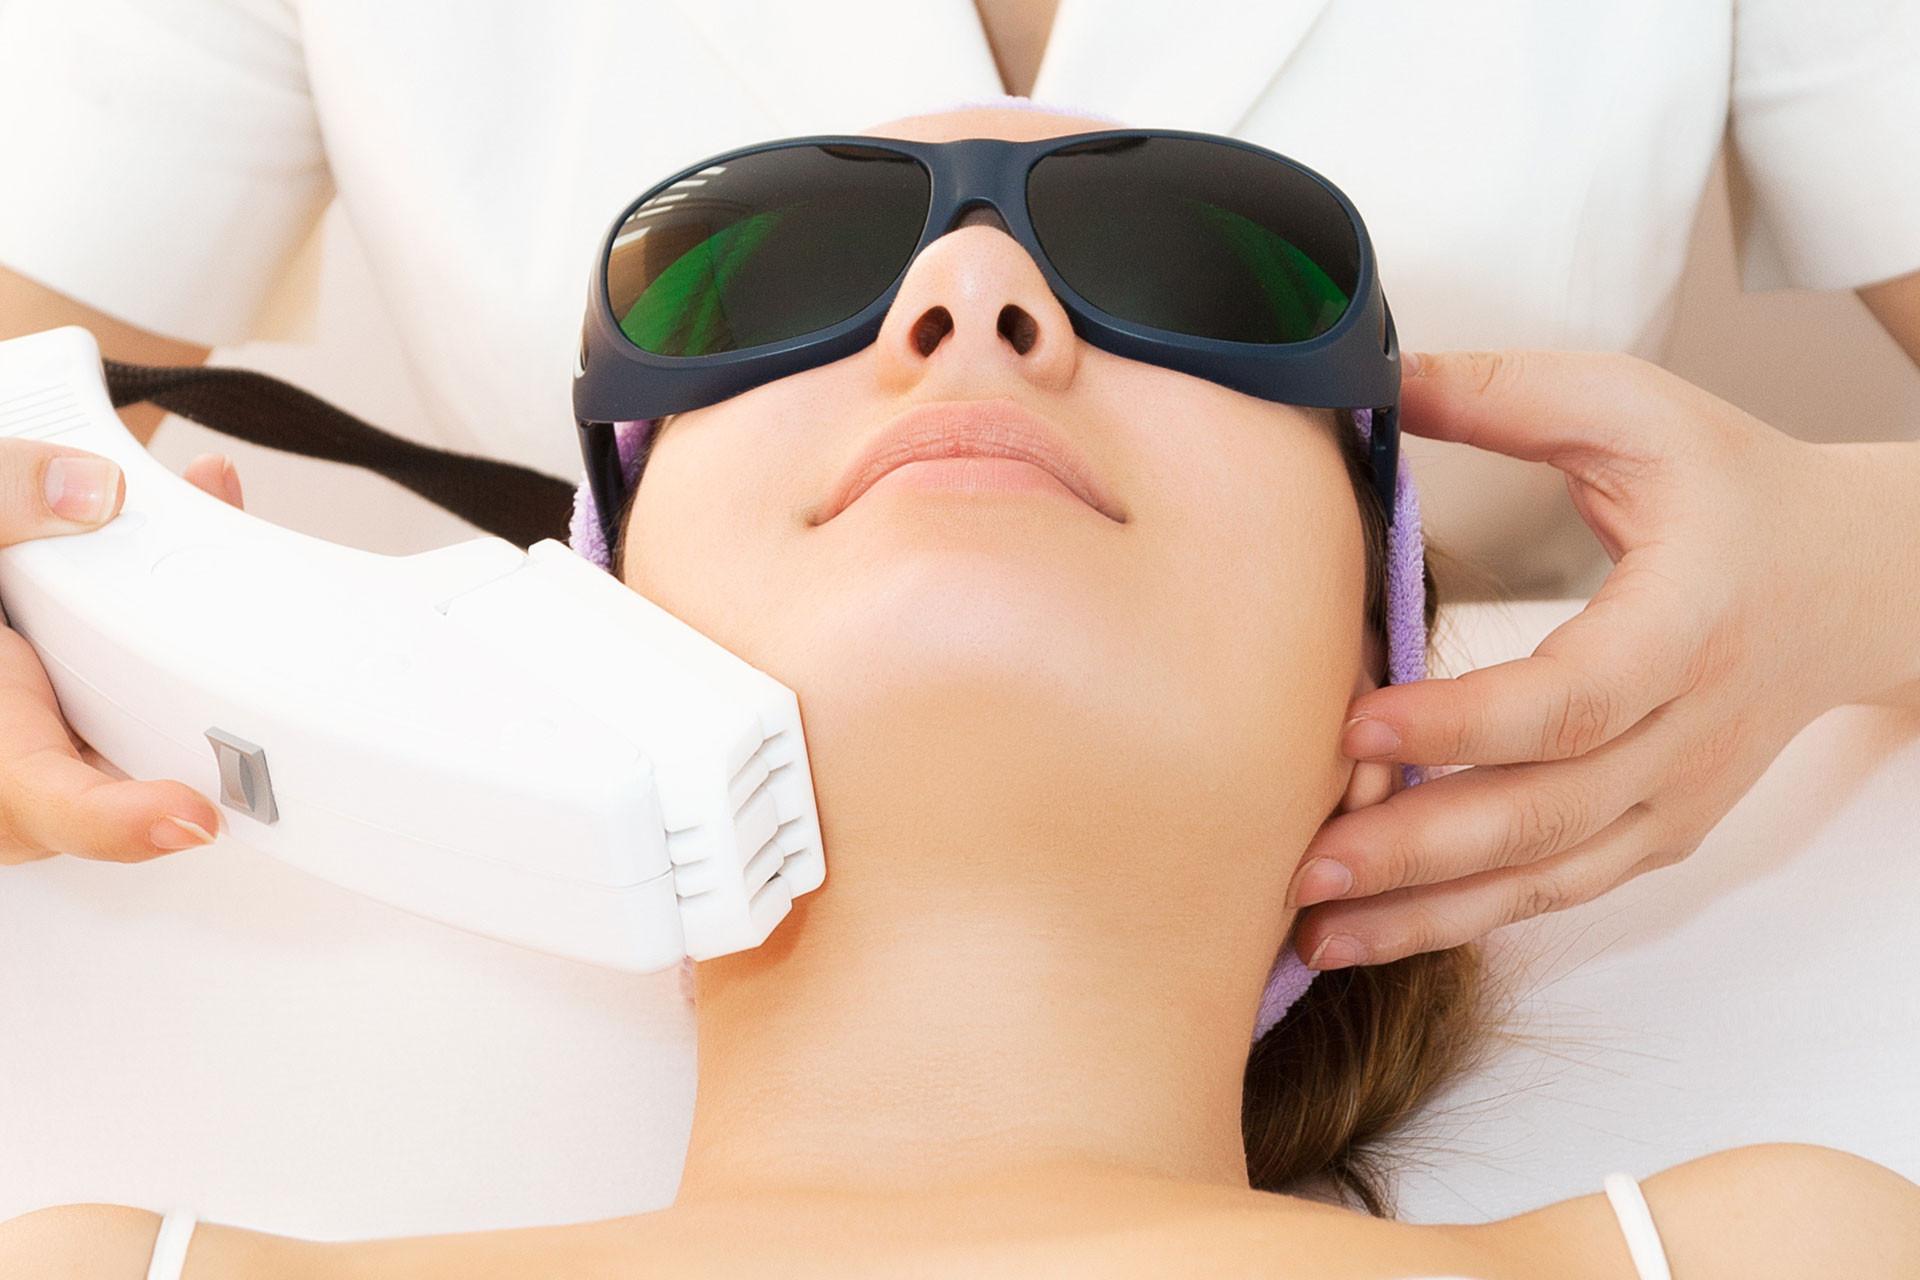 Пілінг - основний догляд за шкірою обличчя